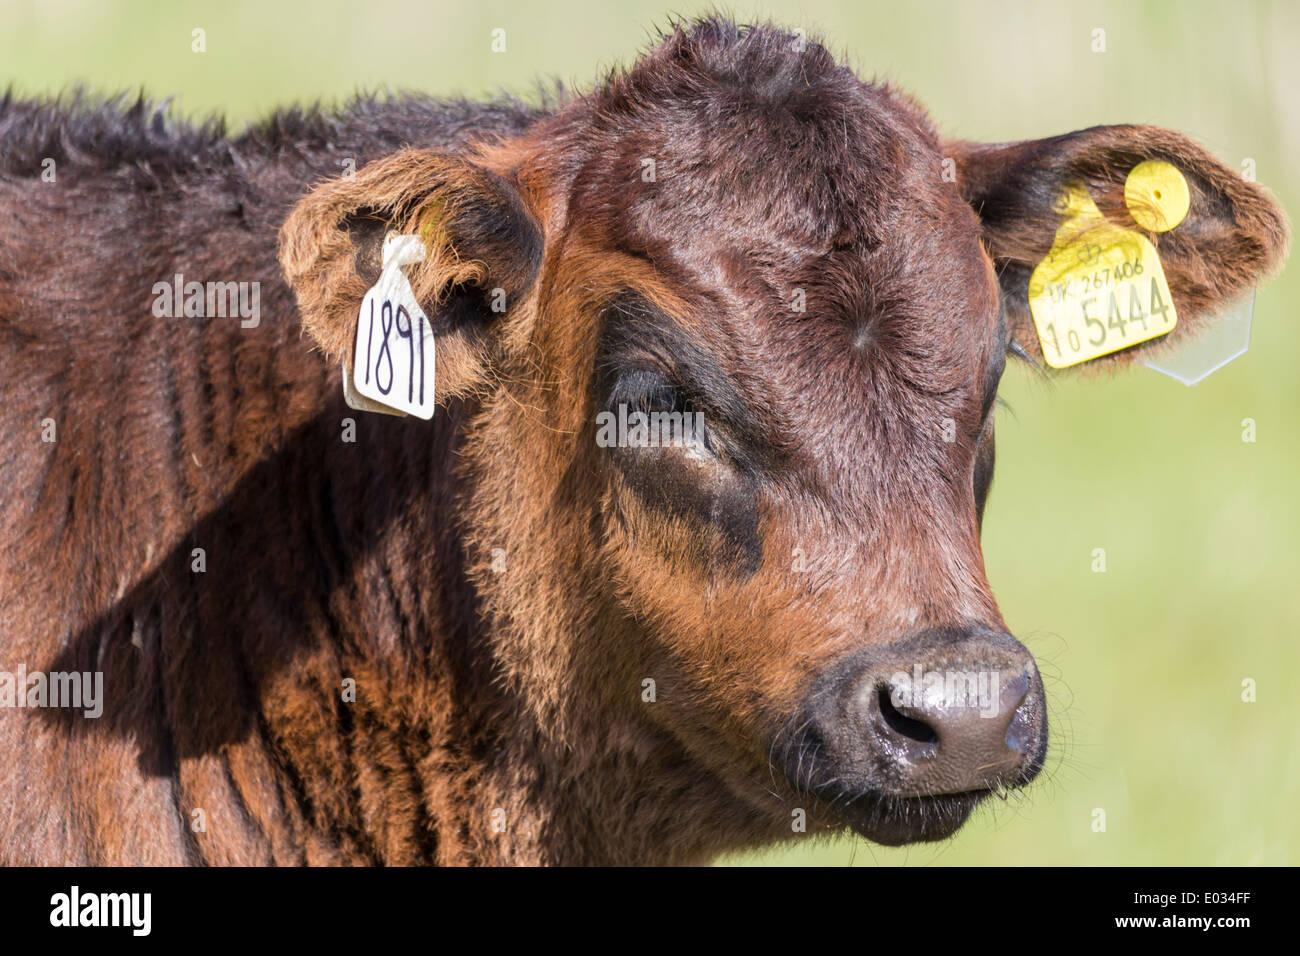 L'identité d'identification des bovins l'Oreille Tags Photo Stock